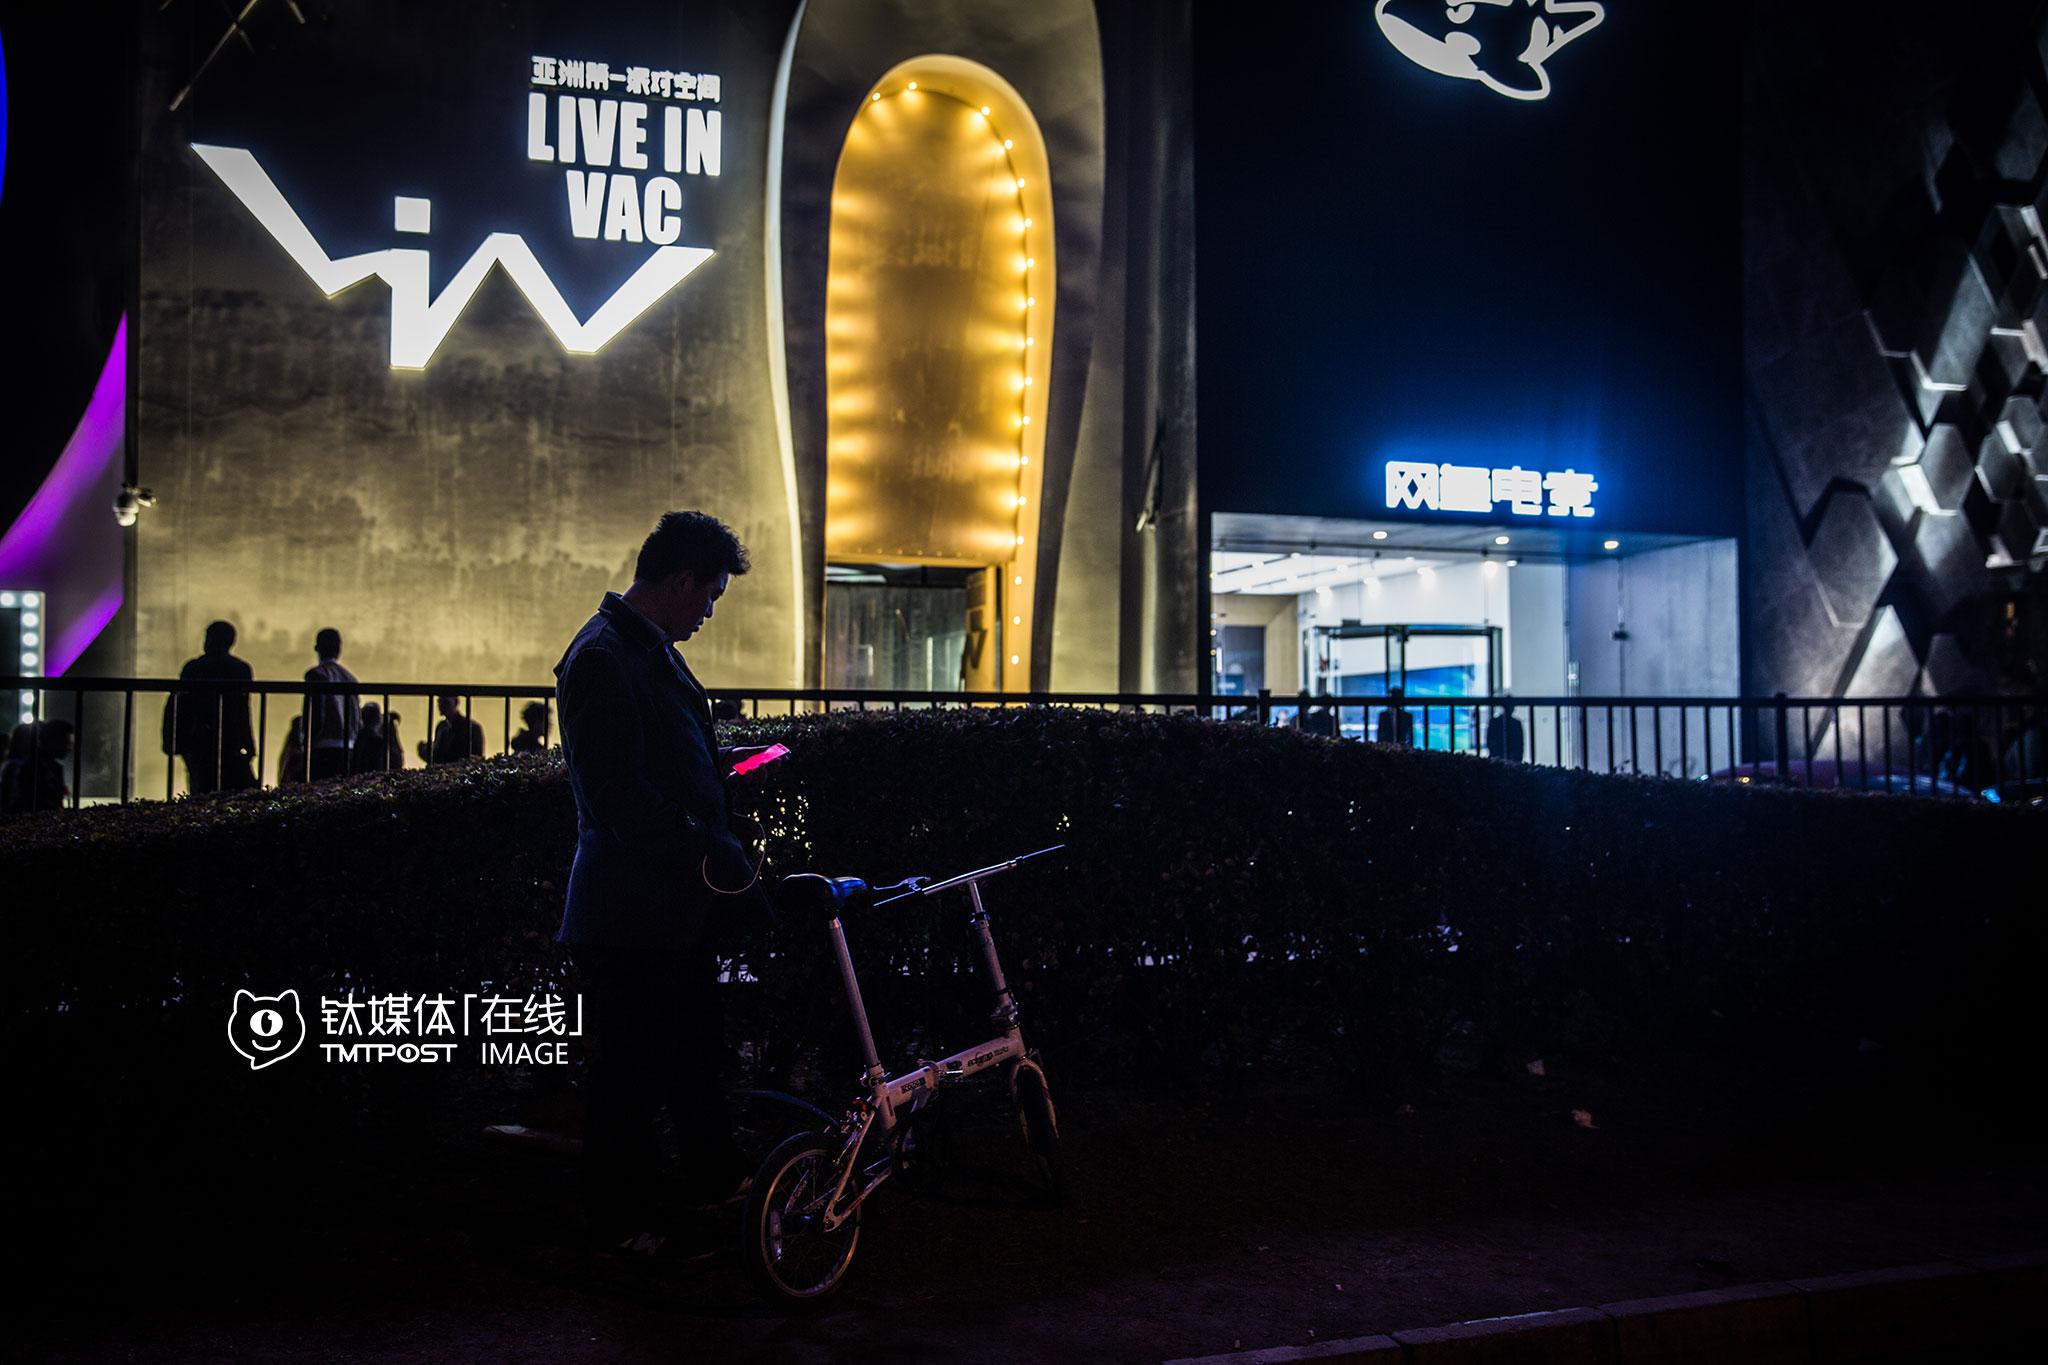 3月19日凌晨1点,北京工体,一名代驾司机在酒吧外等待订单。北京无疑是国内应酬和酒局最多的城市,也是代驾需求最大的城市,这些互联网代驾平台上的司机,都至少拥有5年以上驾龄,他们之中有全职、兼职,平均每天接单在3到4单,也有人可以接到8到10单,收入在两三千到上万不等。